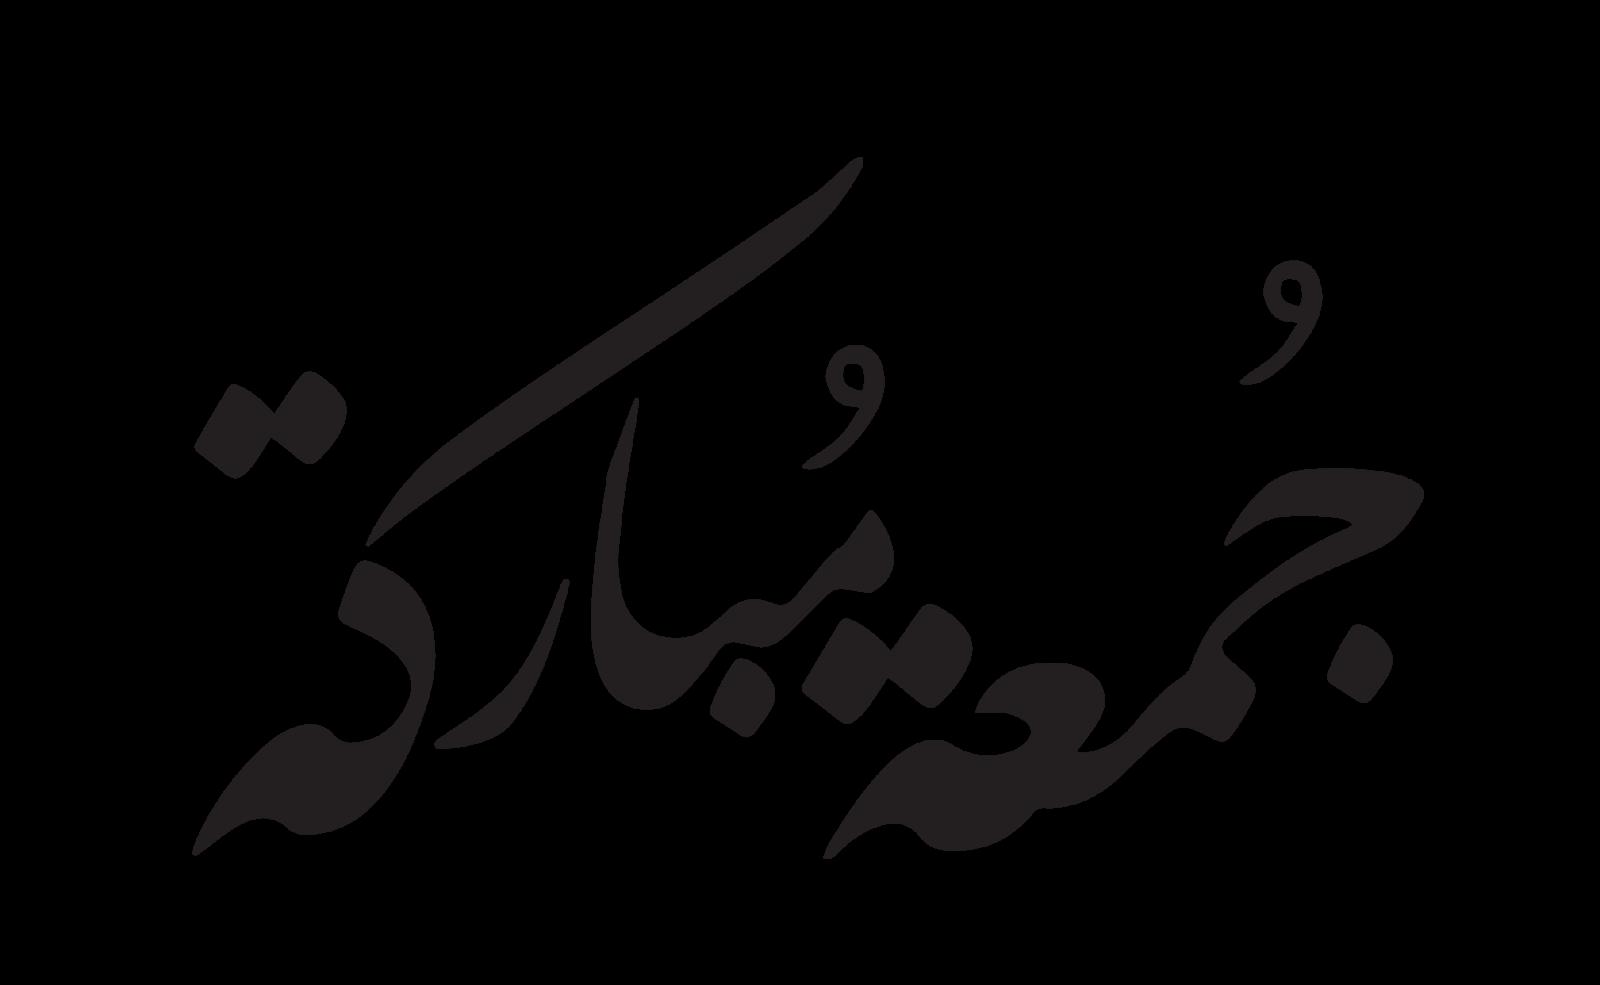 مخطوطات جمعة مباركة مفرغة Png للتصميم بجودة عالية Beautiful Arabic Words Graphic Design Background Templates Arabic Love Quotes